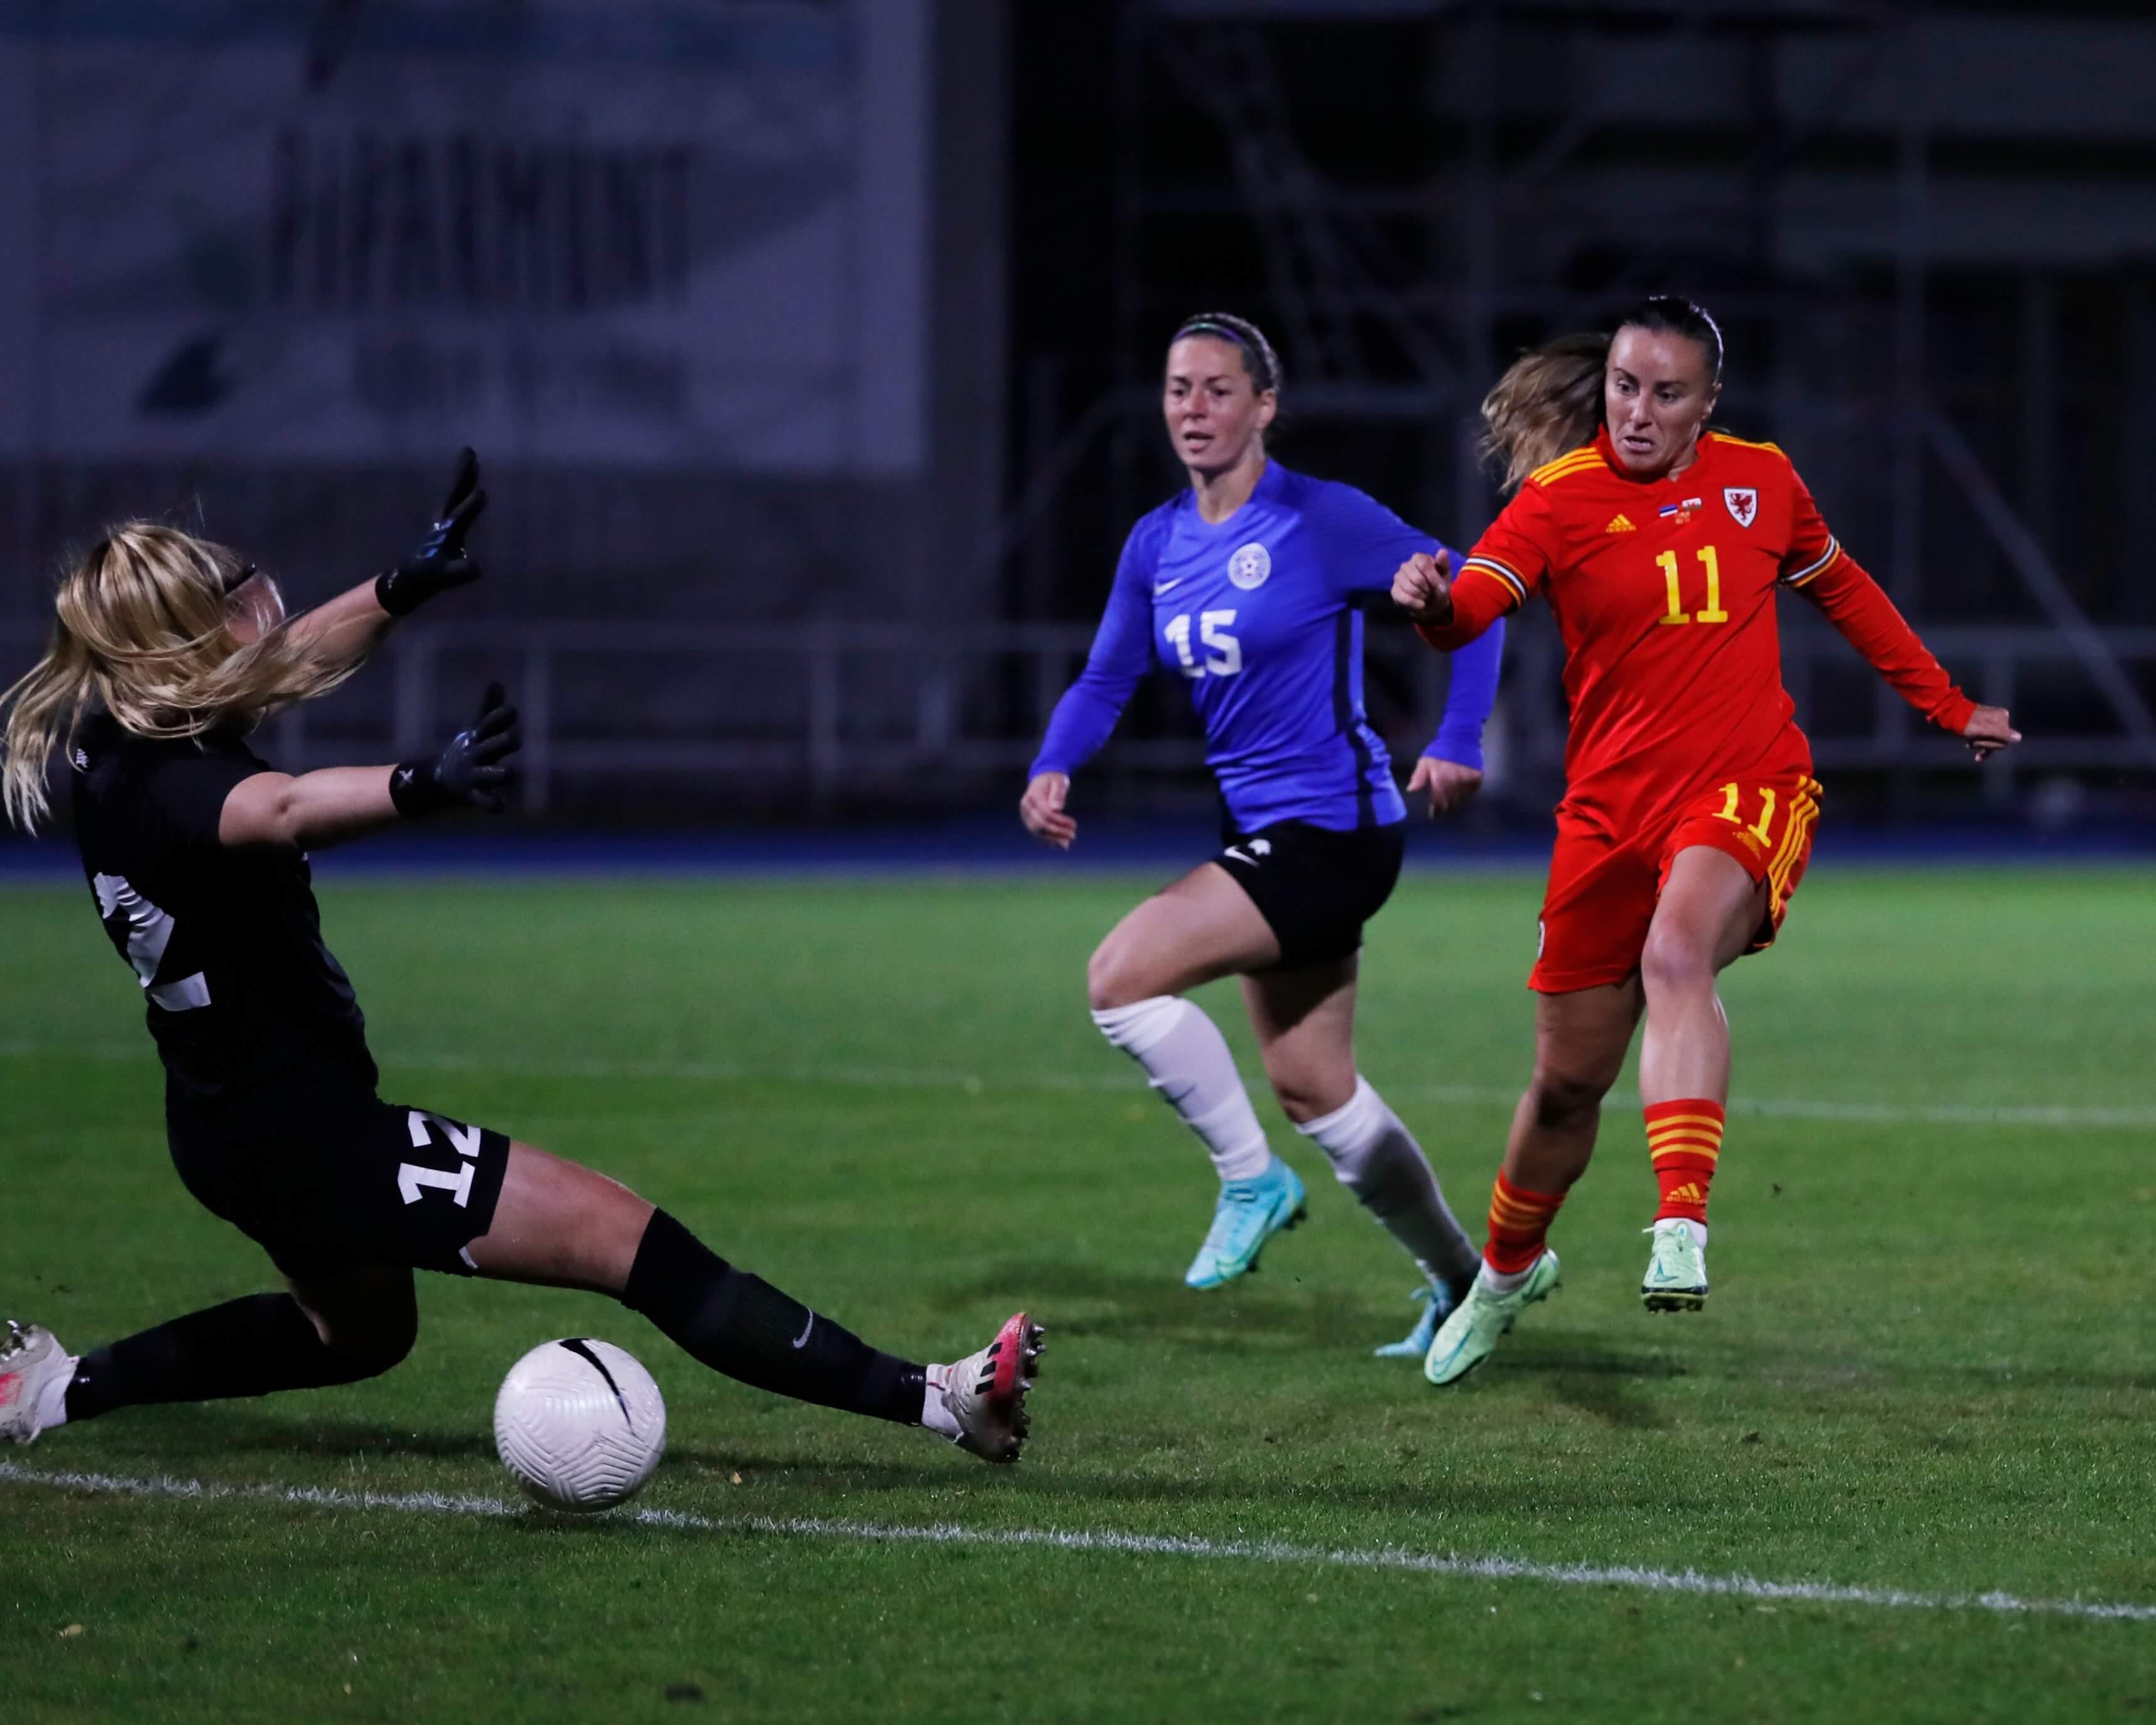 Gêm ragbrofol Cwpan y Byd 2023: Estonia 0-1 Cymru